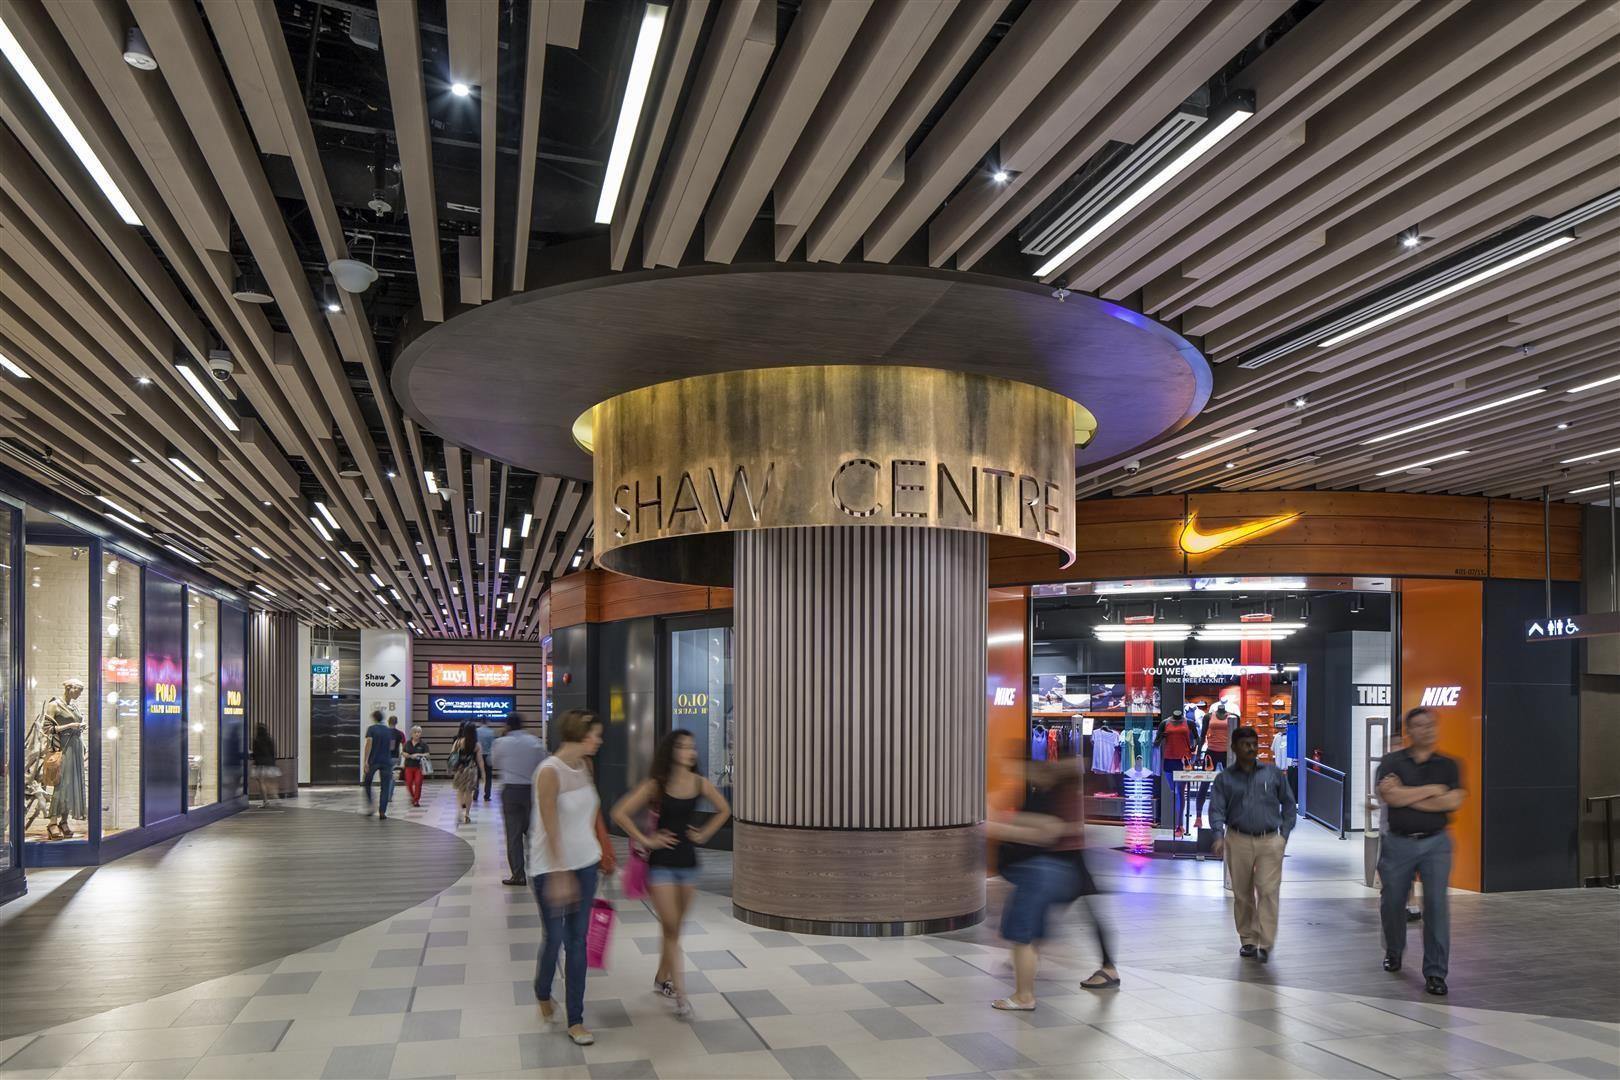 Corridor Roof Design: Column Design / Signage / Ceiling Design / Mall Corridor